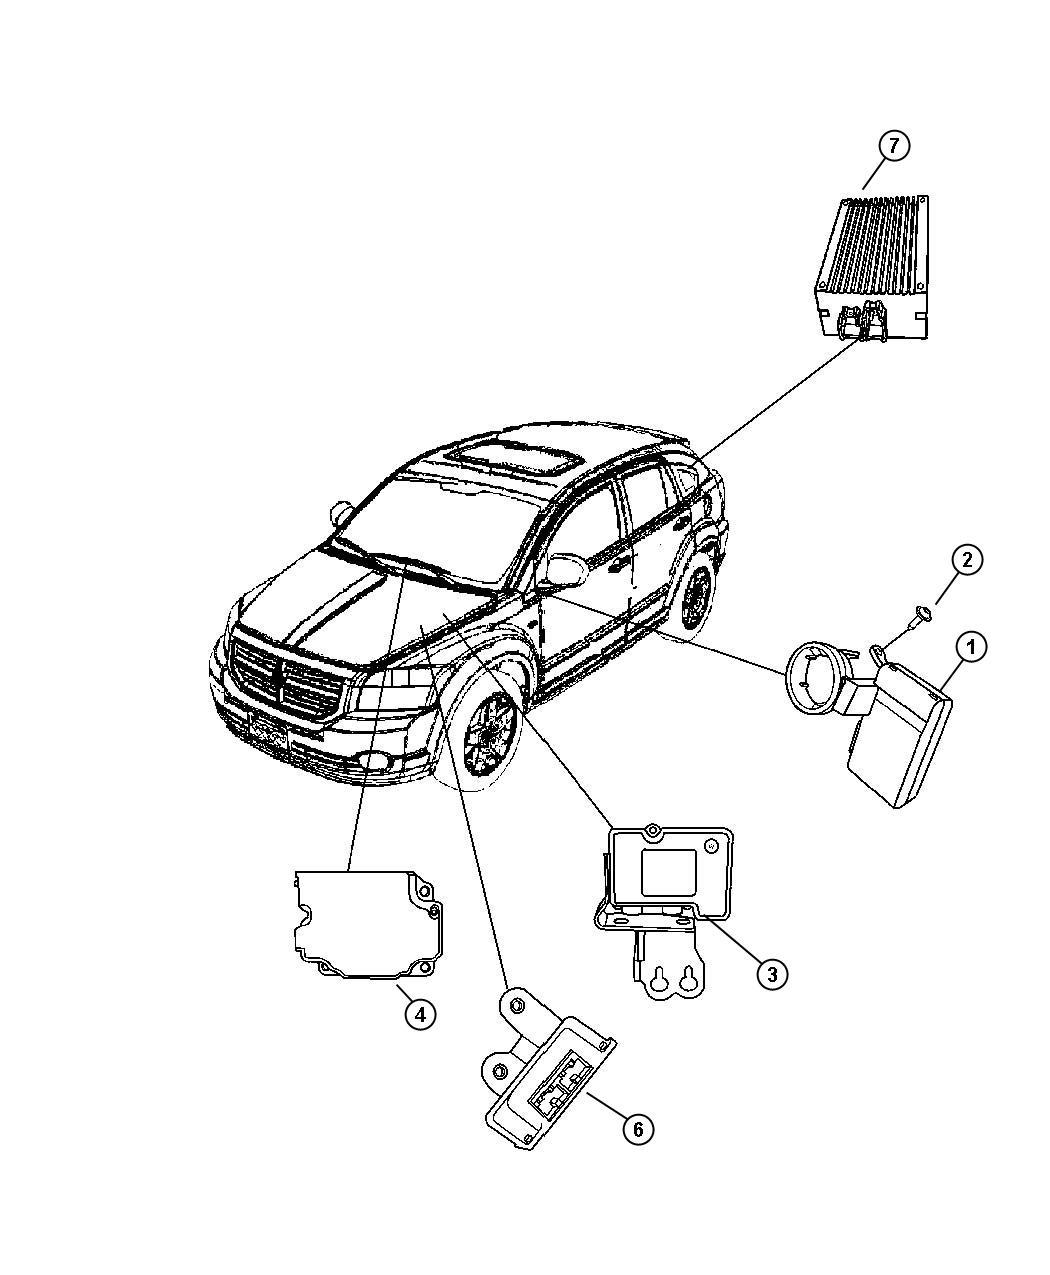 2010 Jeep Patriot Module. Transmission control. [cont.var